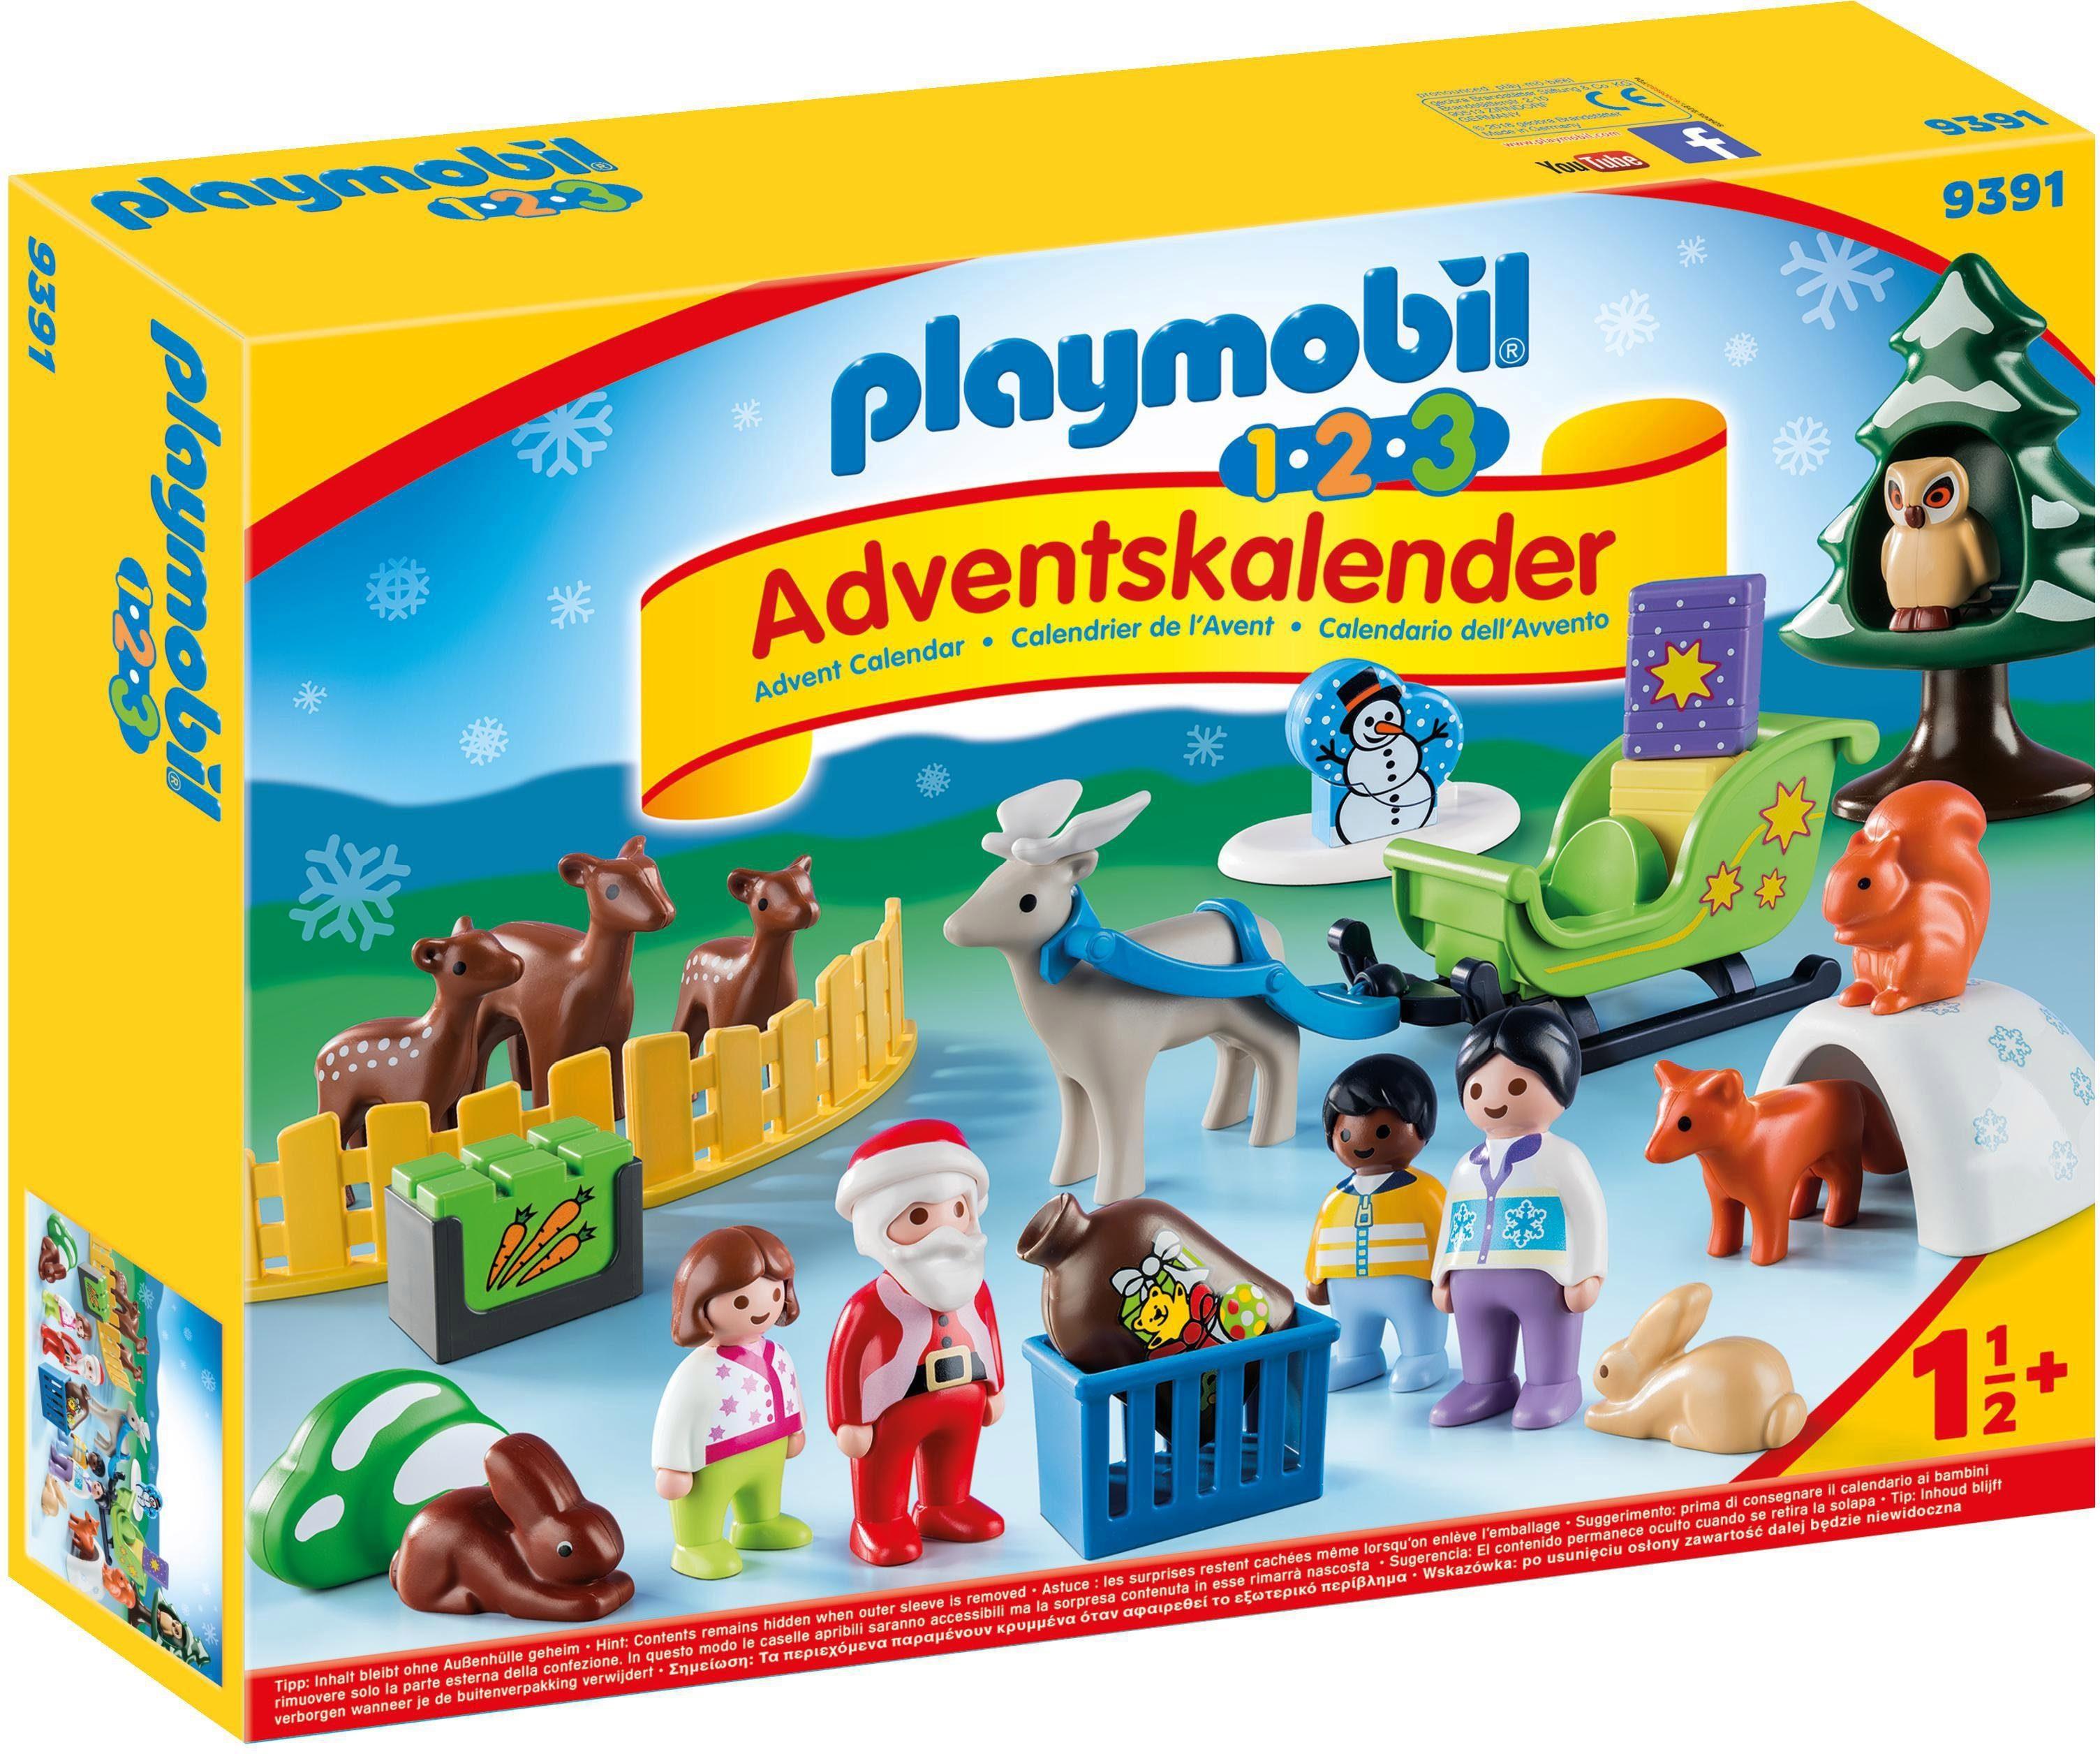 """Playmobil Adventskalender """"123 Adventskalender Waldweihnacht der Tiere (9391)"""" Kindermode/Spielzeug/Adventskalender"""